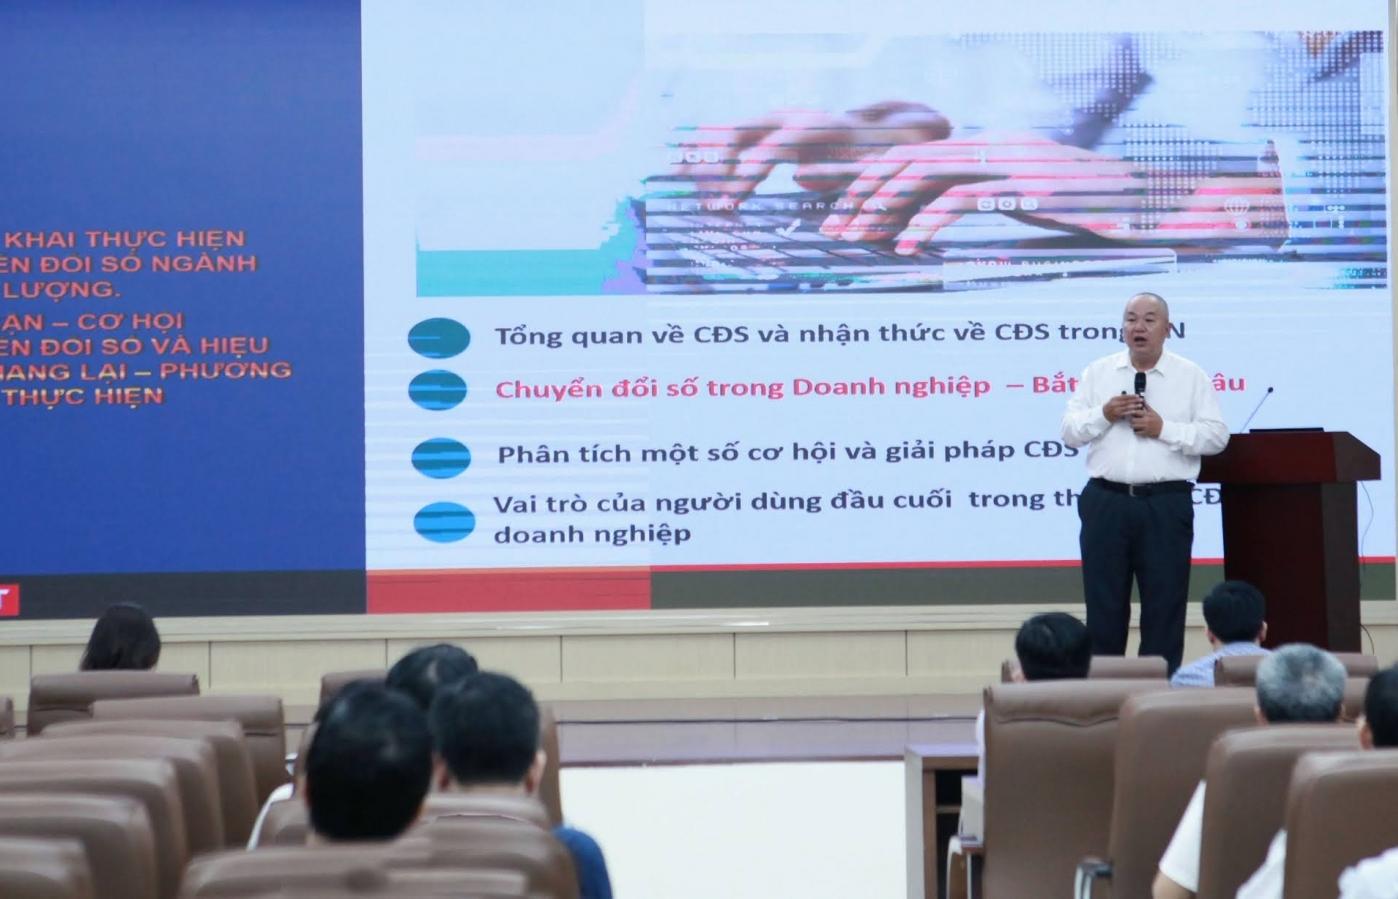 100% cán bộ, nhân viên của EVNHANOI được đào tạo về nhận thức chuyển đổi số